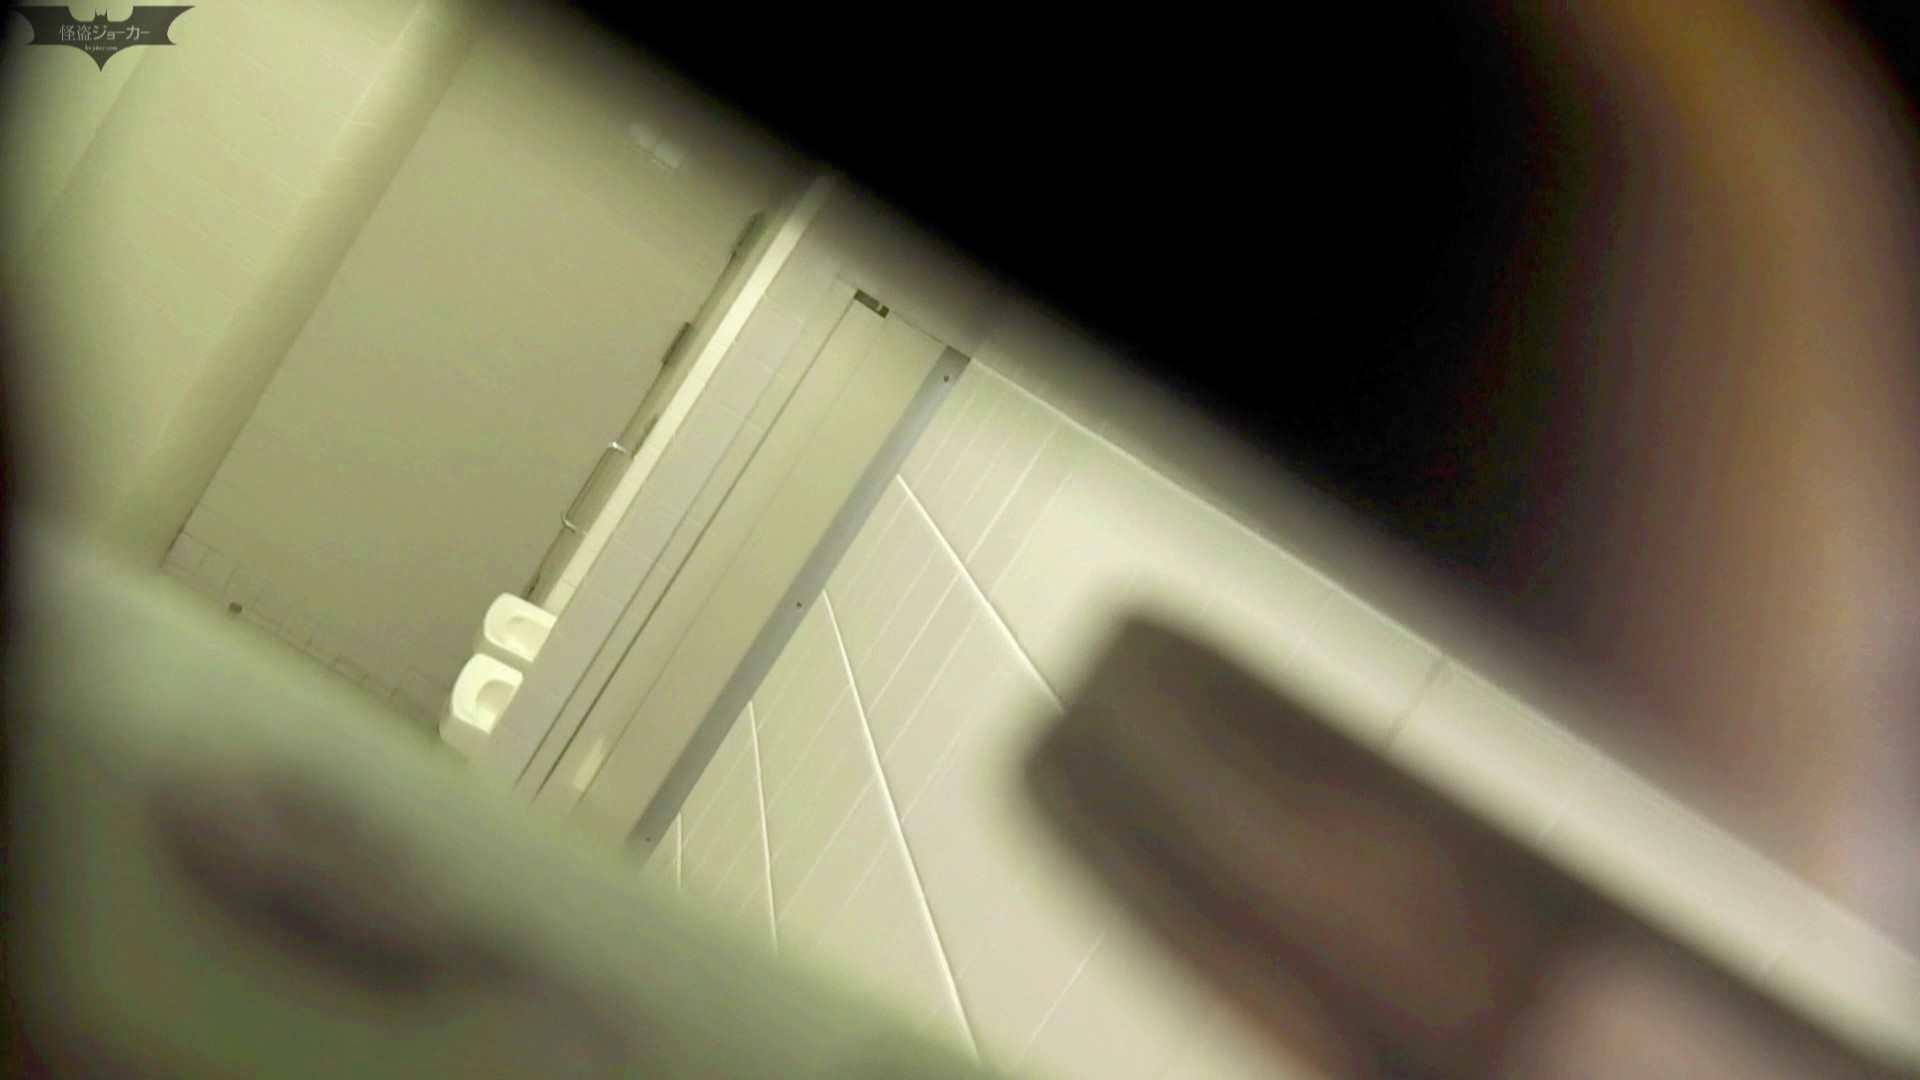 お銀 vol.68 無謀に通路に飛び出て一番明るいフロント撮り実現、見所満載 美人 アダルト動画キャプチャ 94連発 59